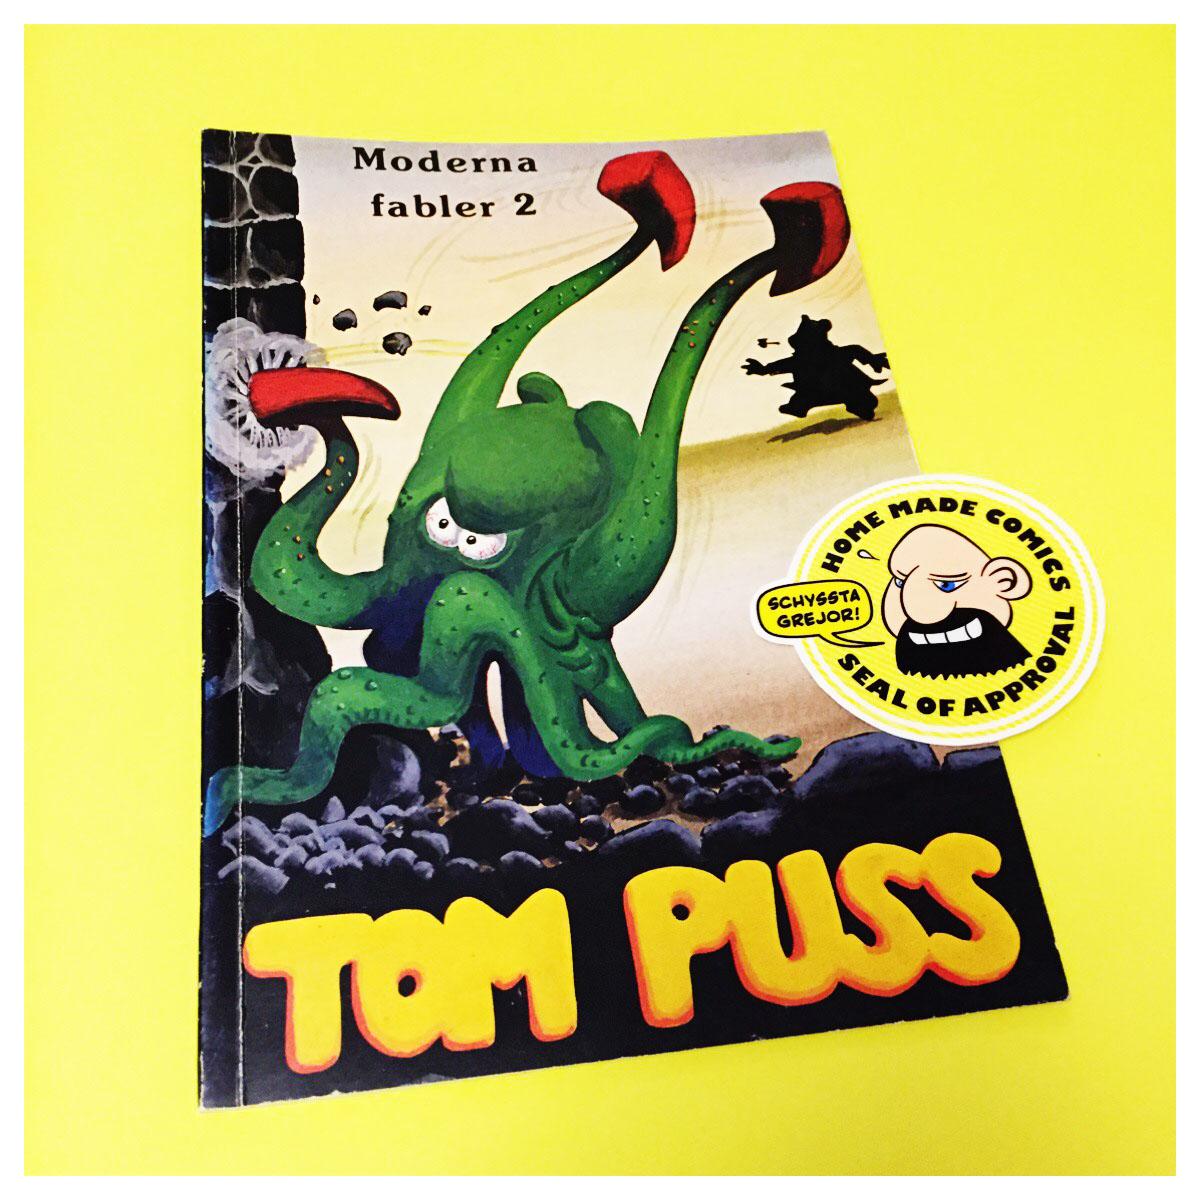 Home Made Comics Seal of Approval #194. Tom Puss Moderna Fabler 2 av Marten Toonder utgiven av Alvglans 1980.